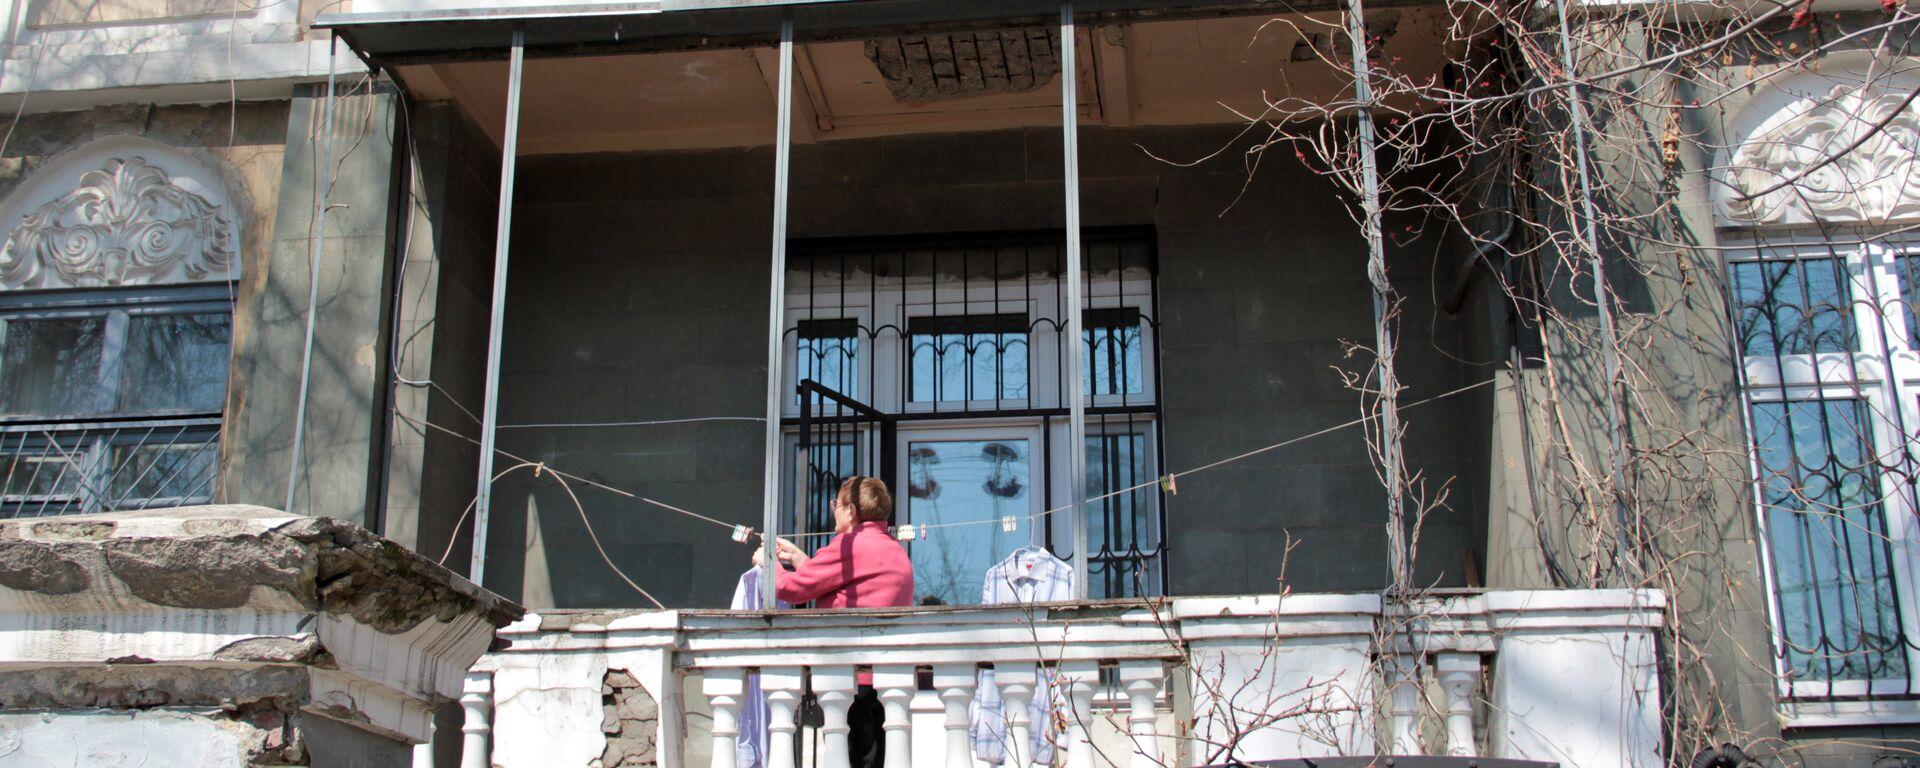 Центр города. Женщина развешивает белье на балконе старинной усадьбы. - Sputnik Грузия, 1920, 22.08.2021